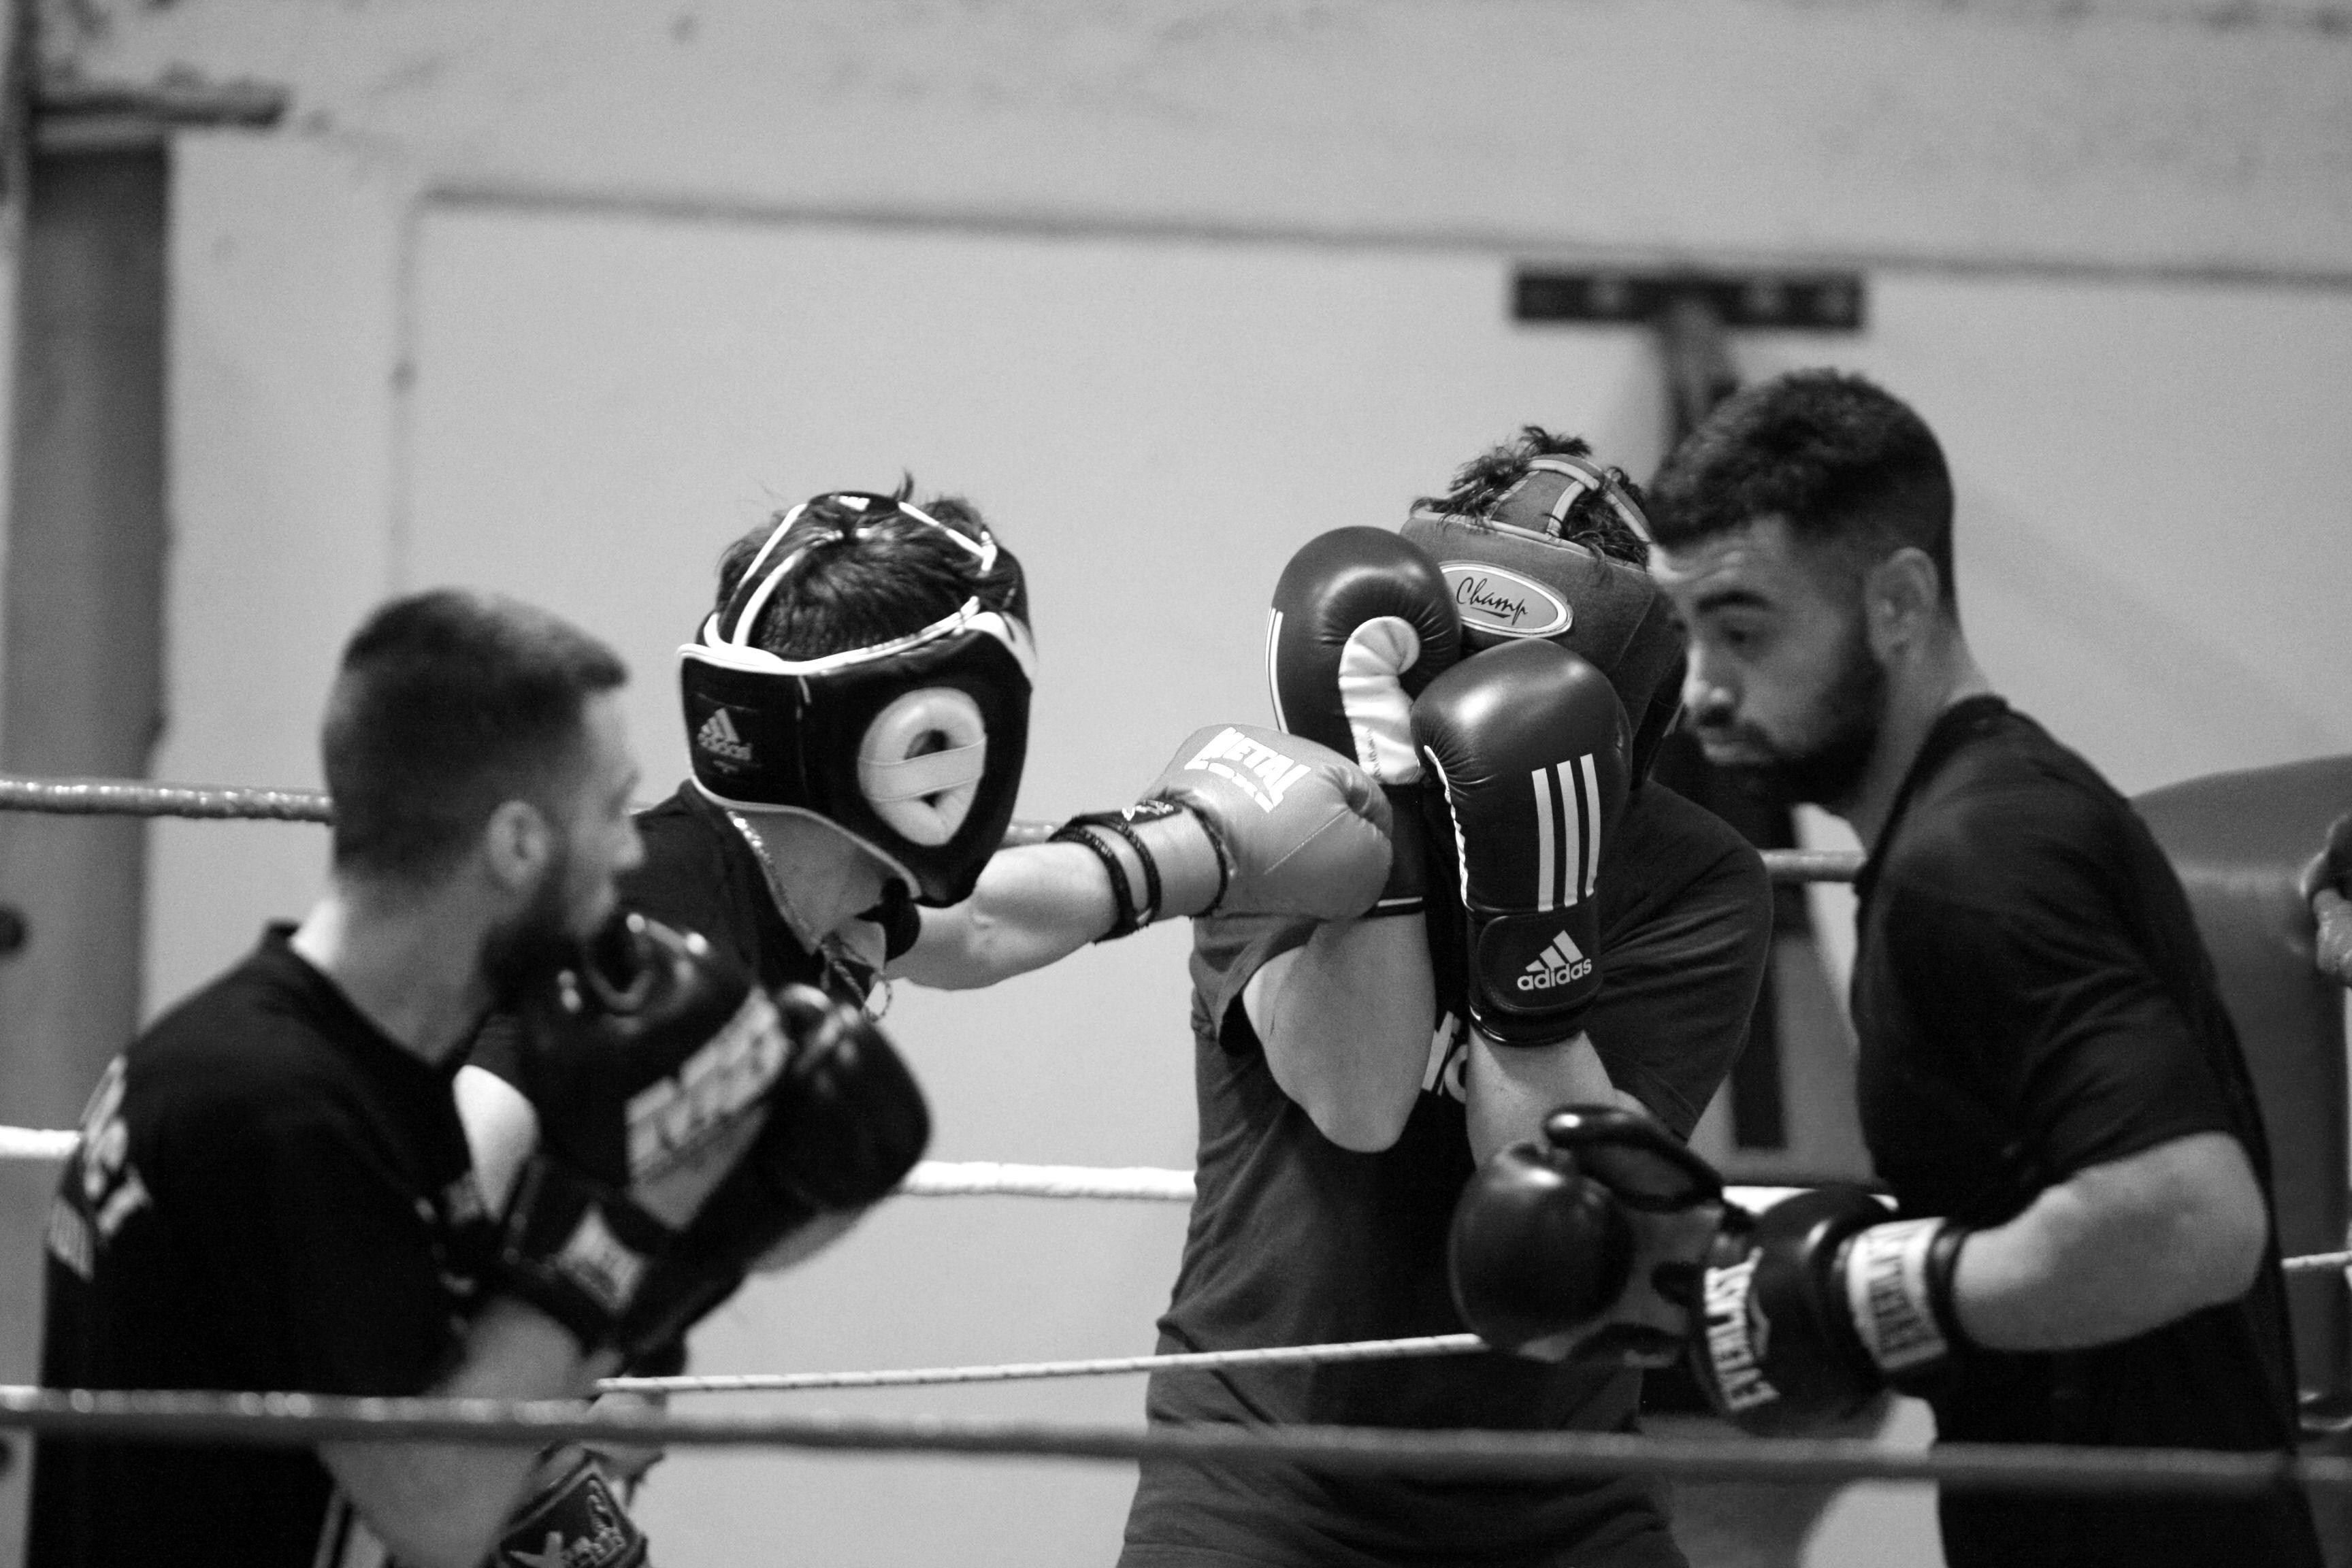 Épinglé sur www.boxingcenter.fr